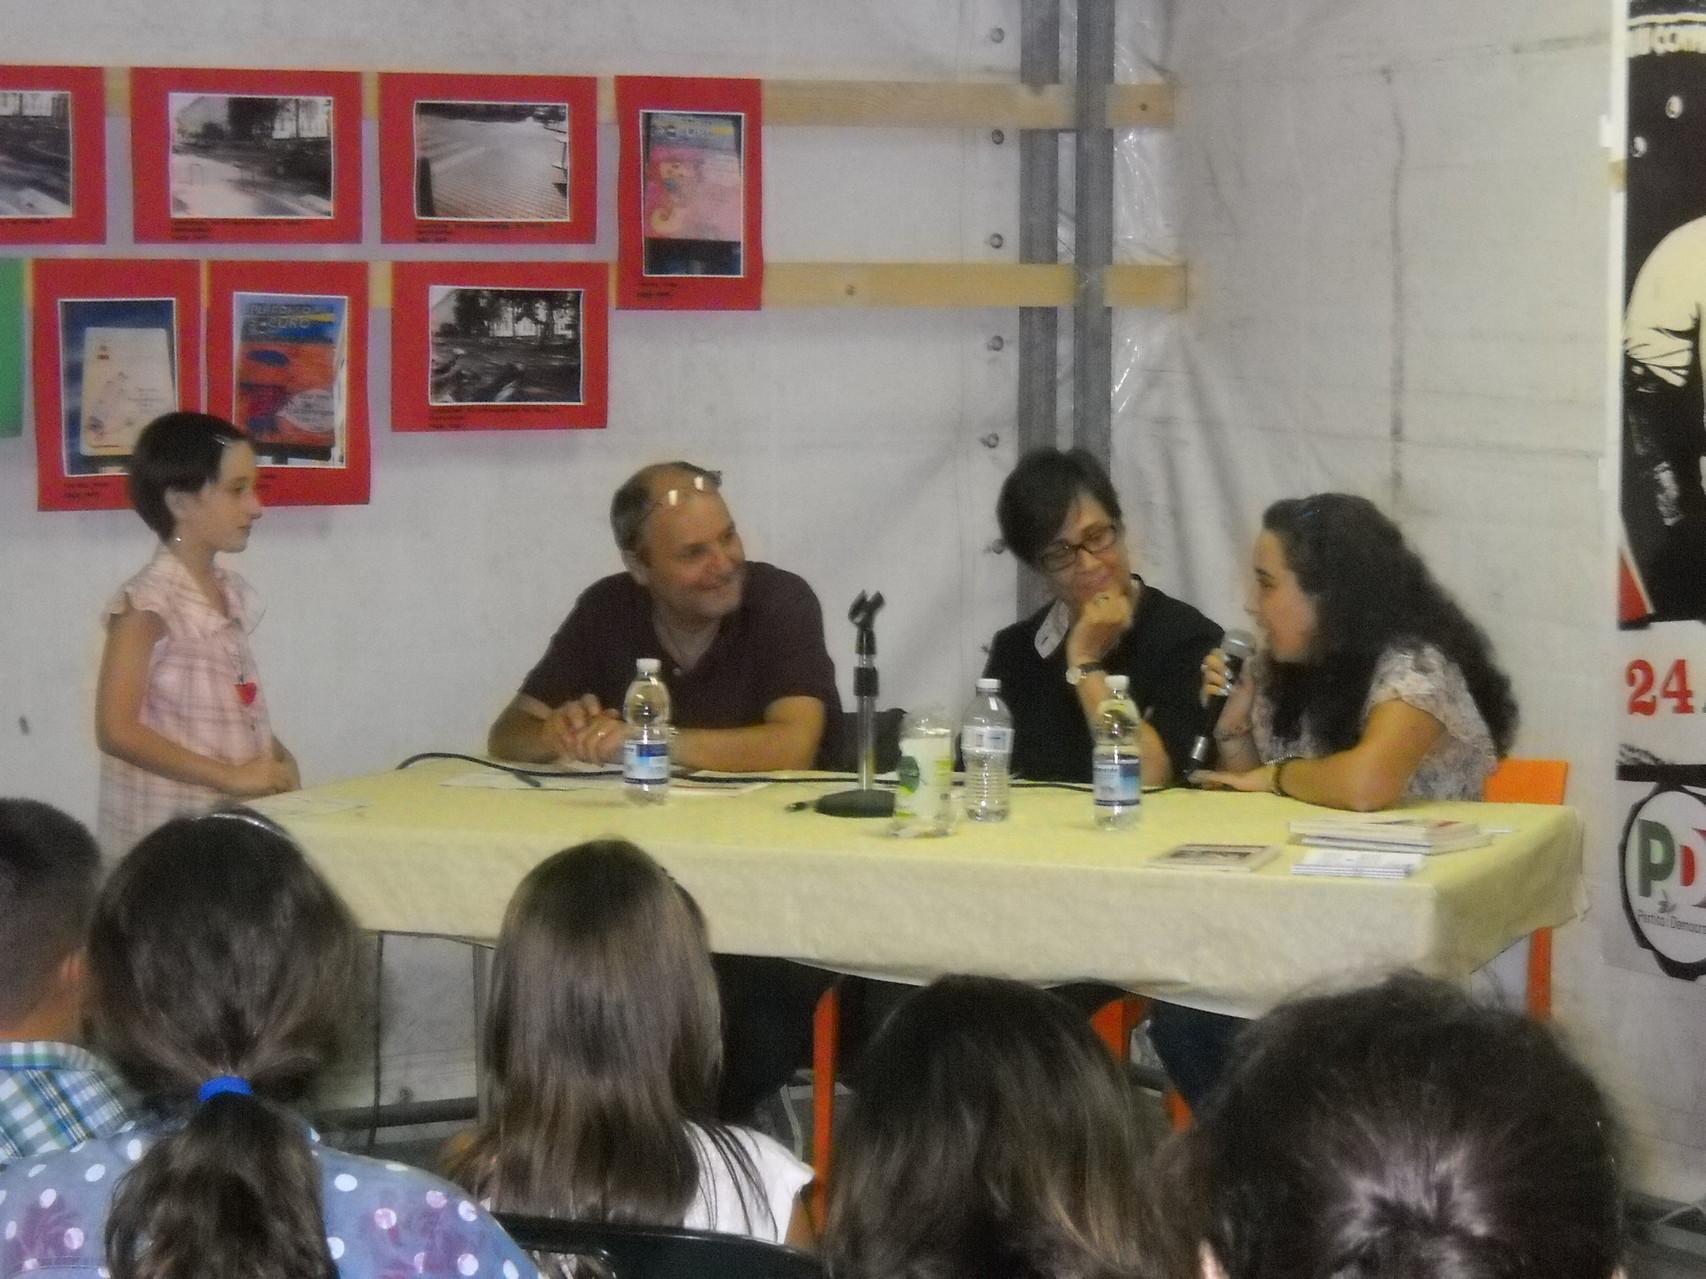 L'autrice risponde ad alcune domande dei bambini e del pubblico.